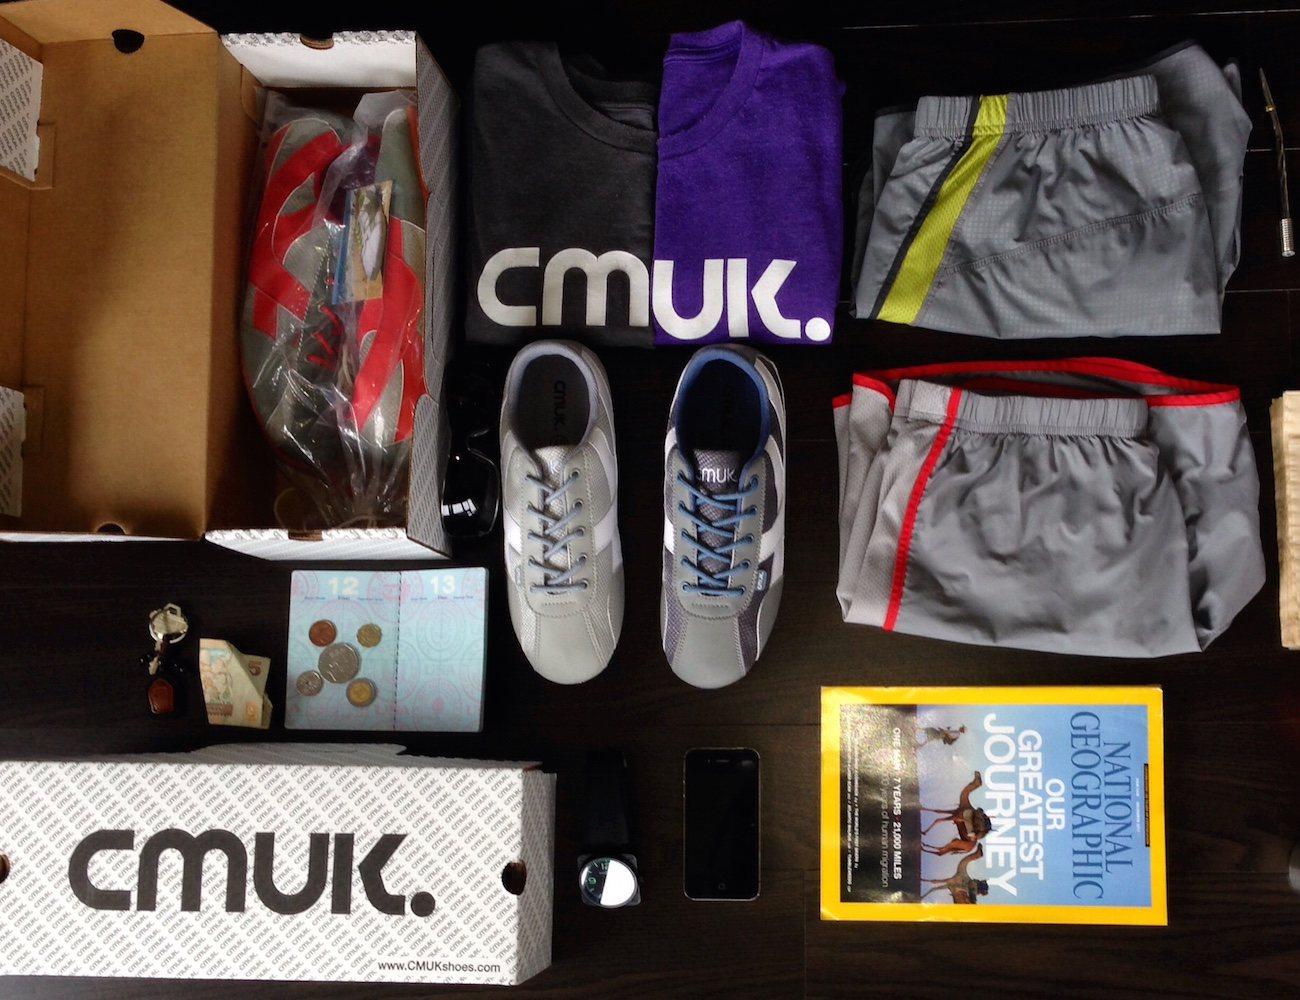 CMUK. Shoes